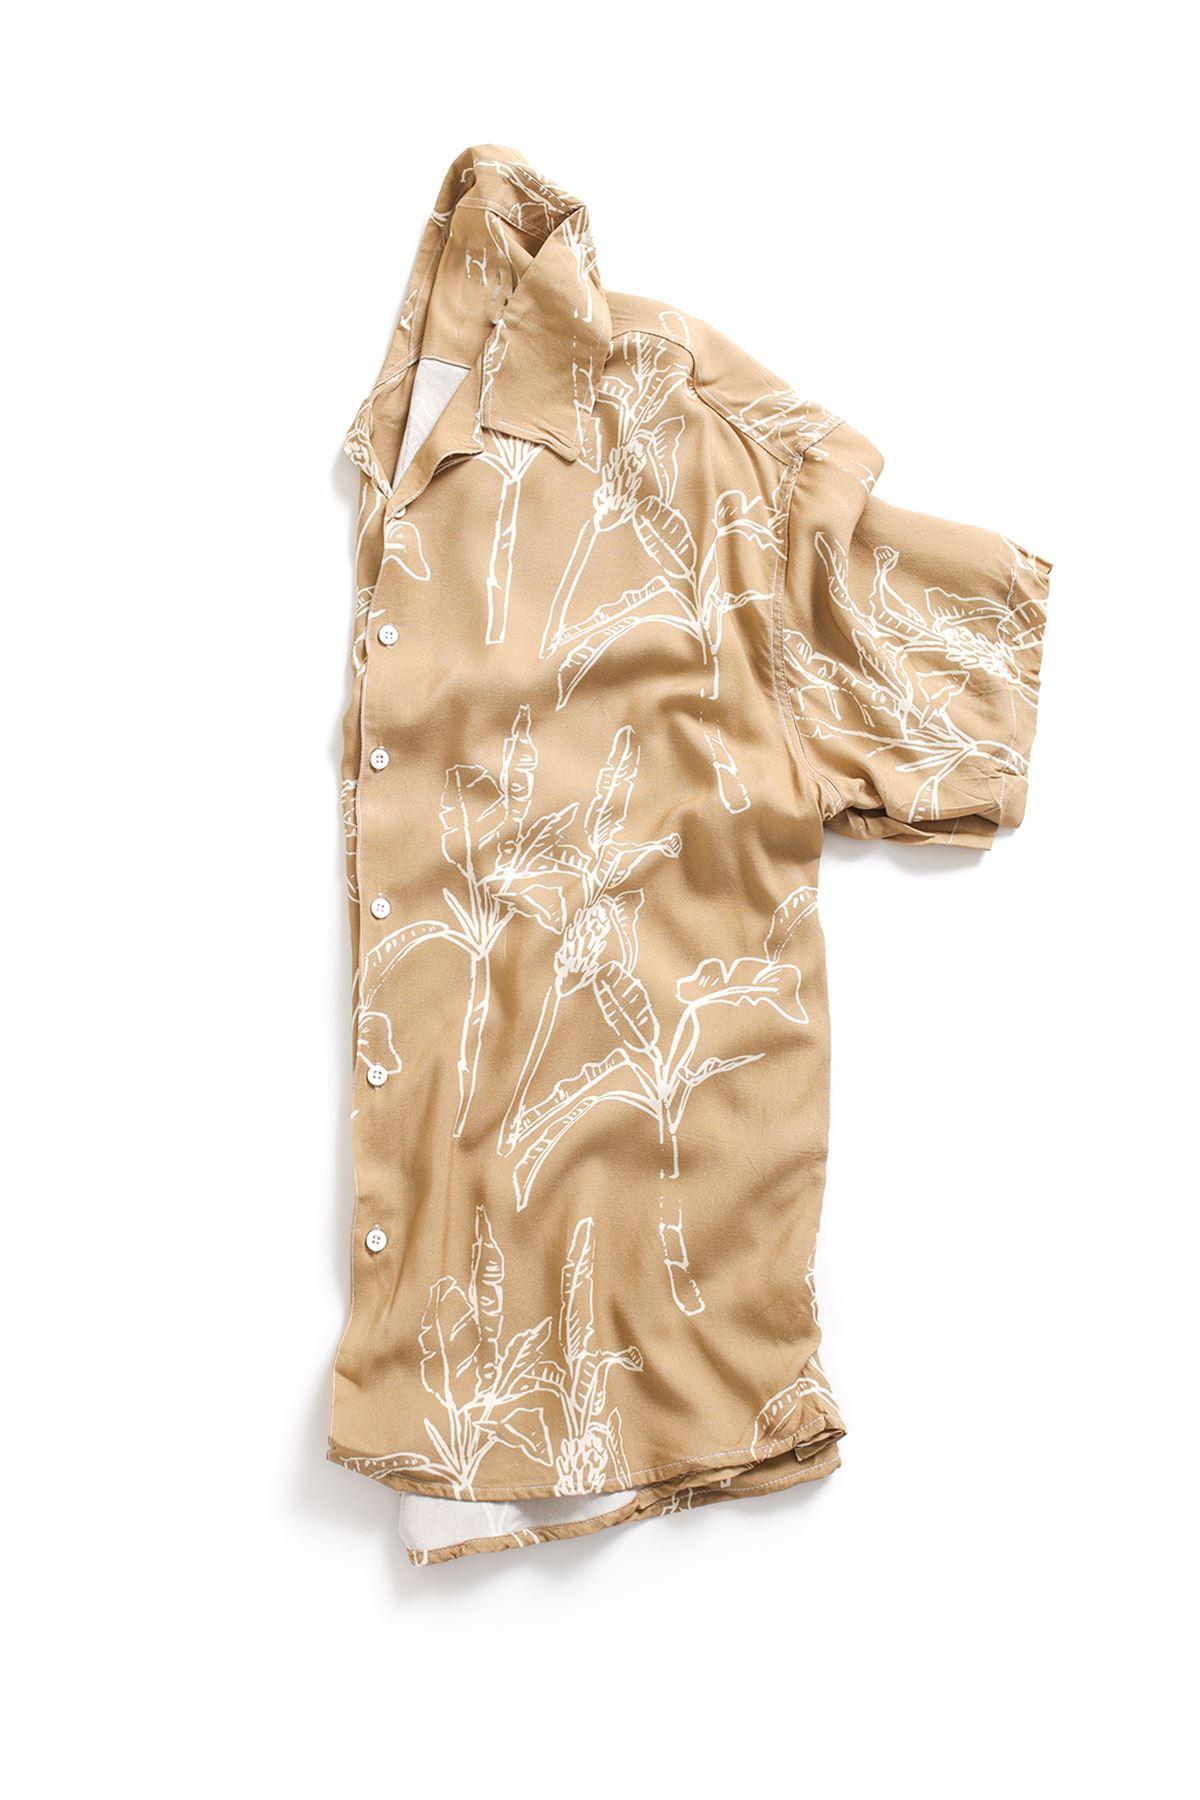 Kahverengi Yaprak Desenli Transfer Baskılı Gömlek